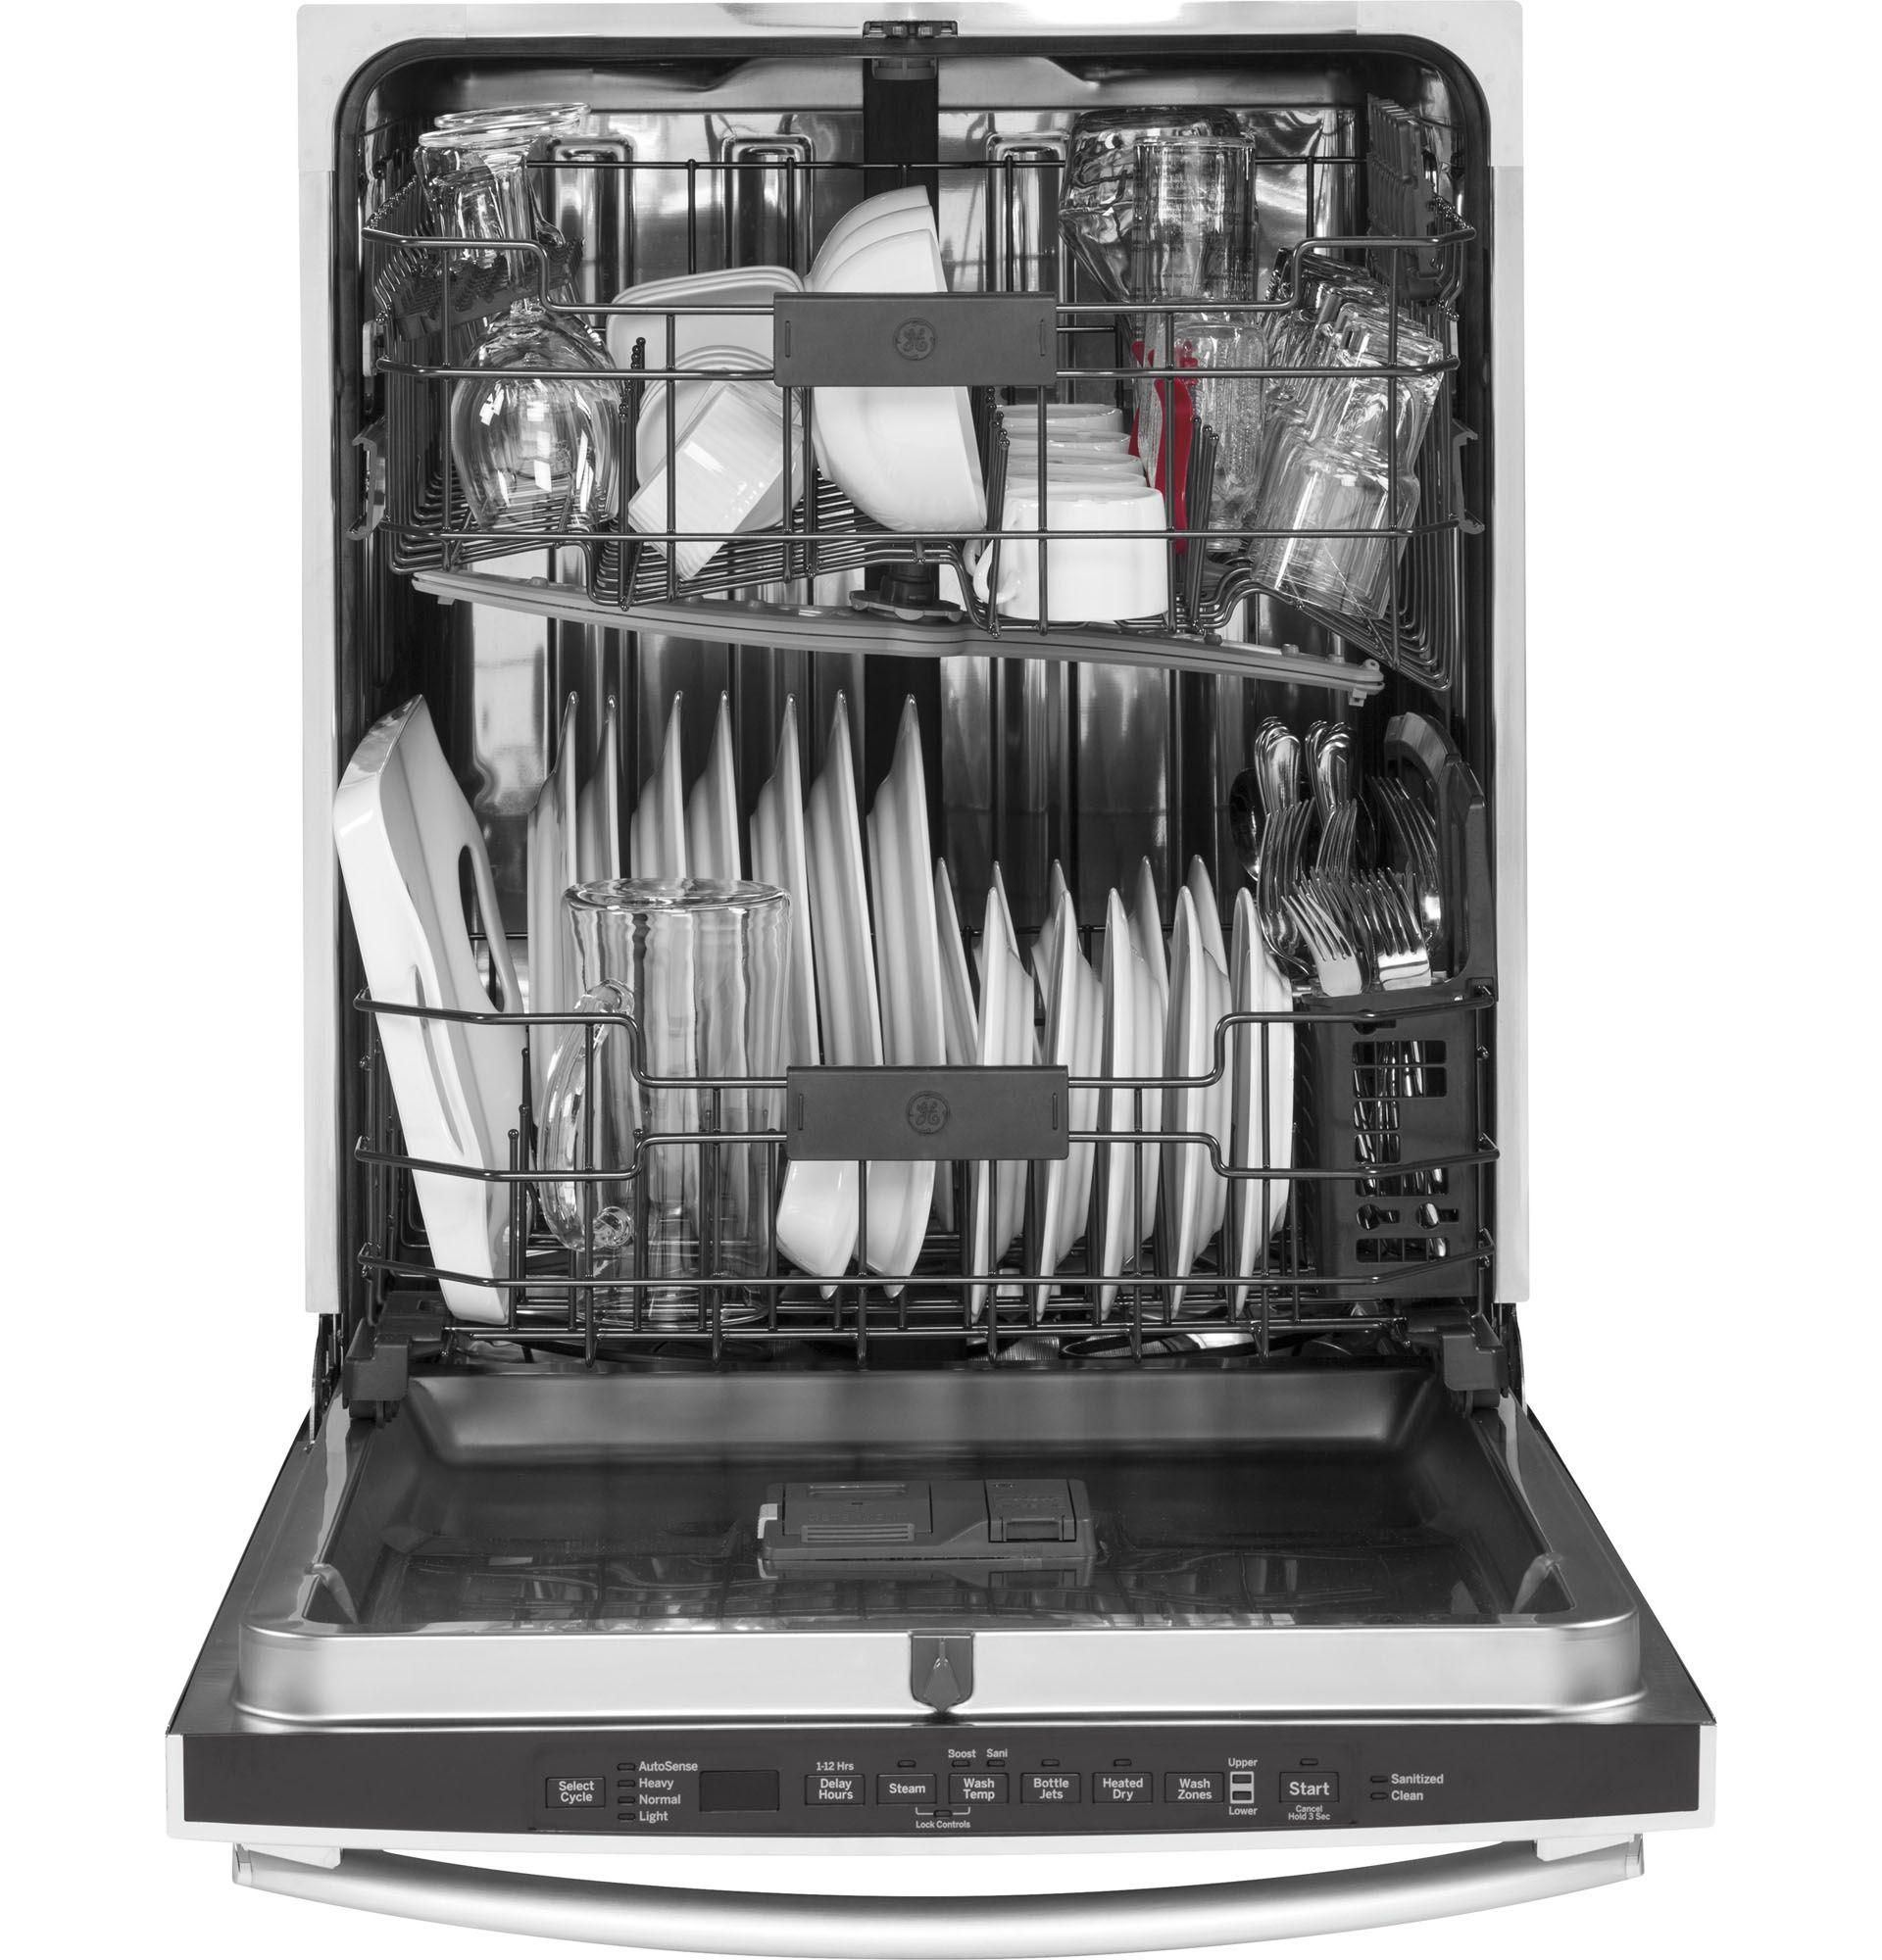 Ge Appliances Gdt655ssjss 24 In Built In Dishwasher W Piranha